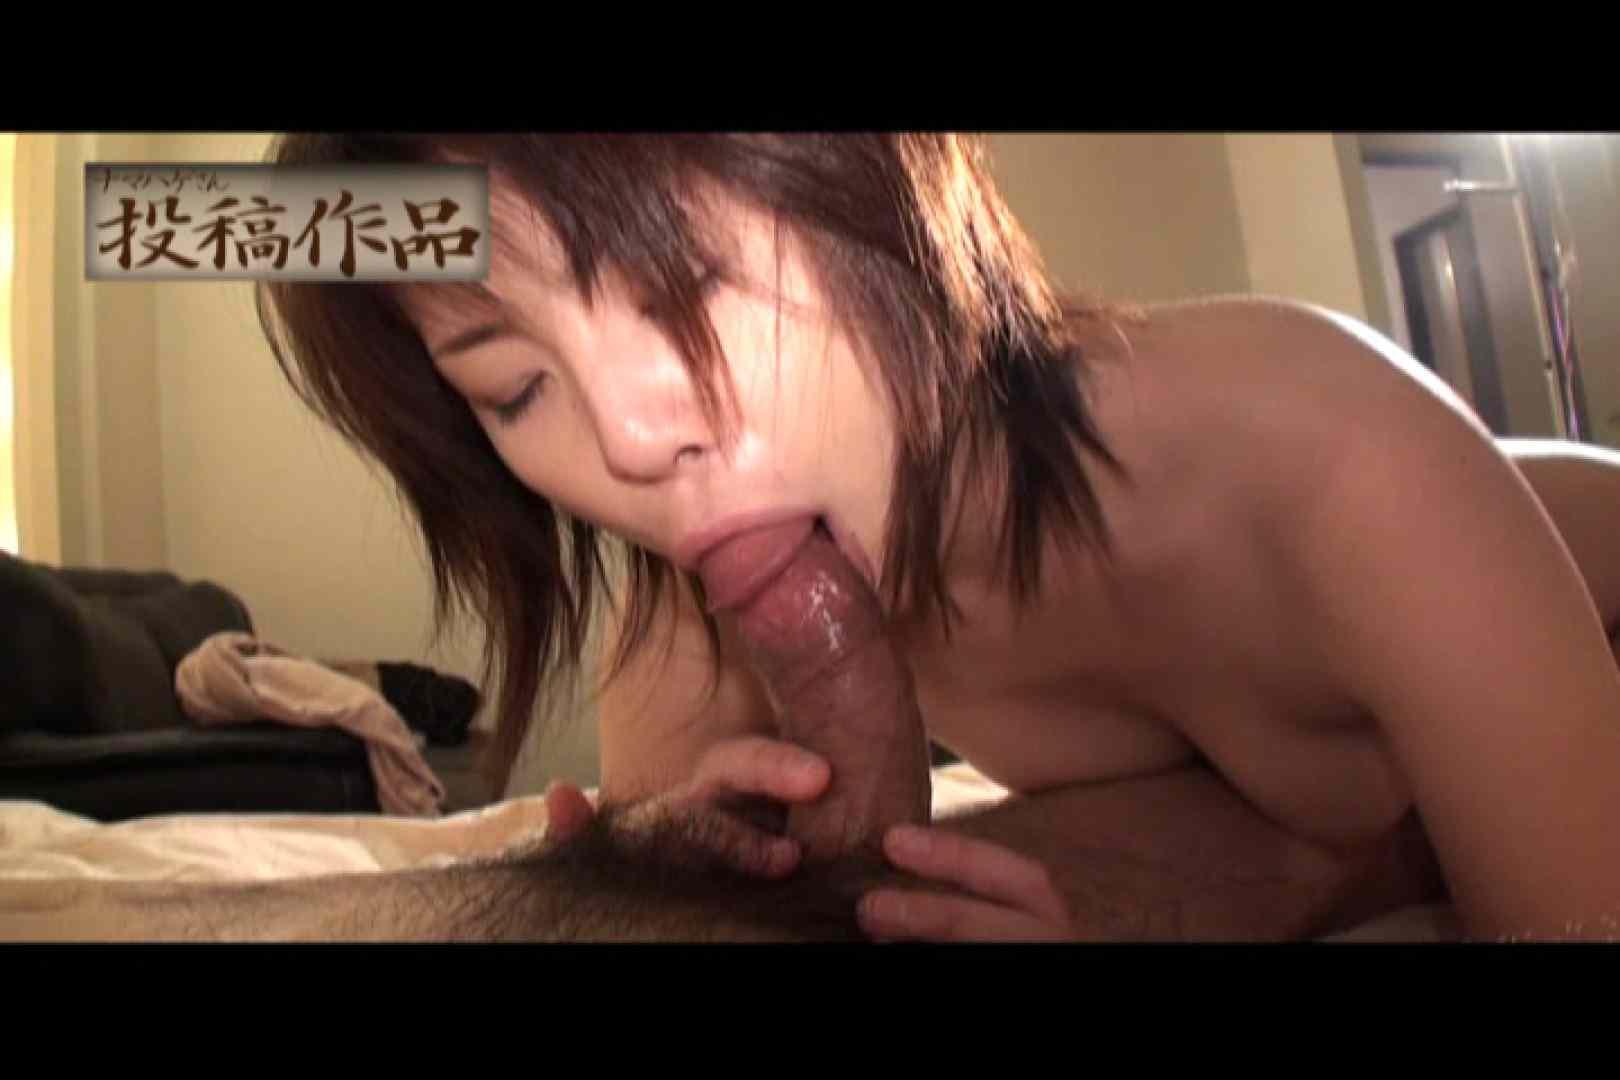 ナマハゲさんのまんこコレクションmayumi02 パイパン映像 | 一般投稿  106pic 45